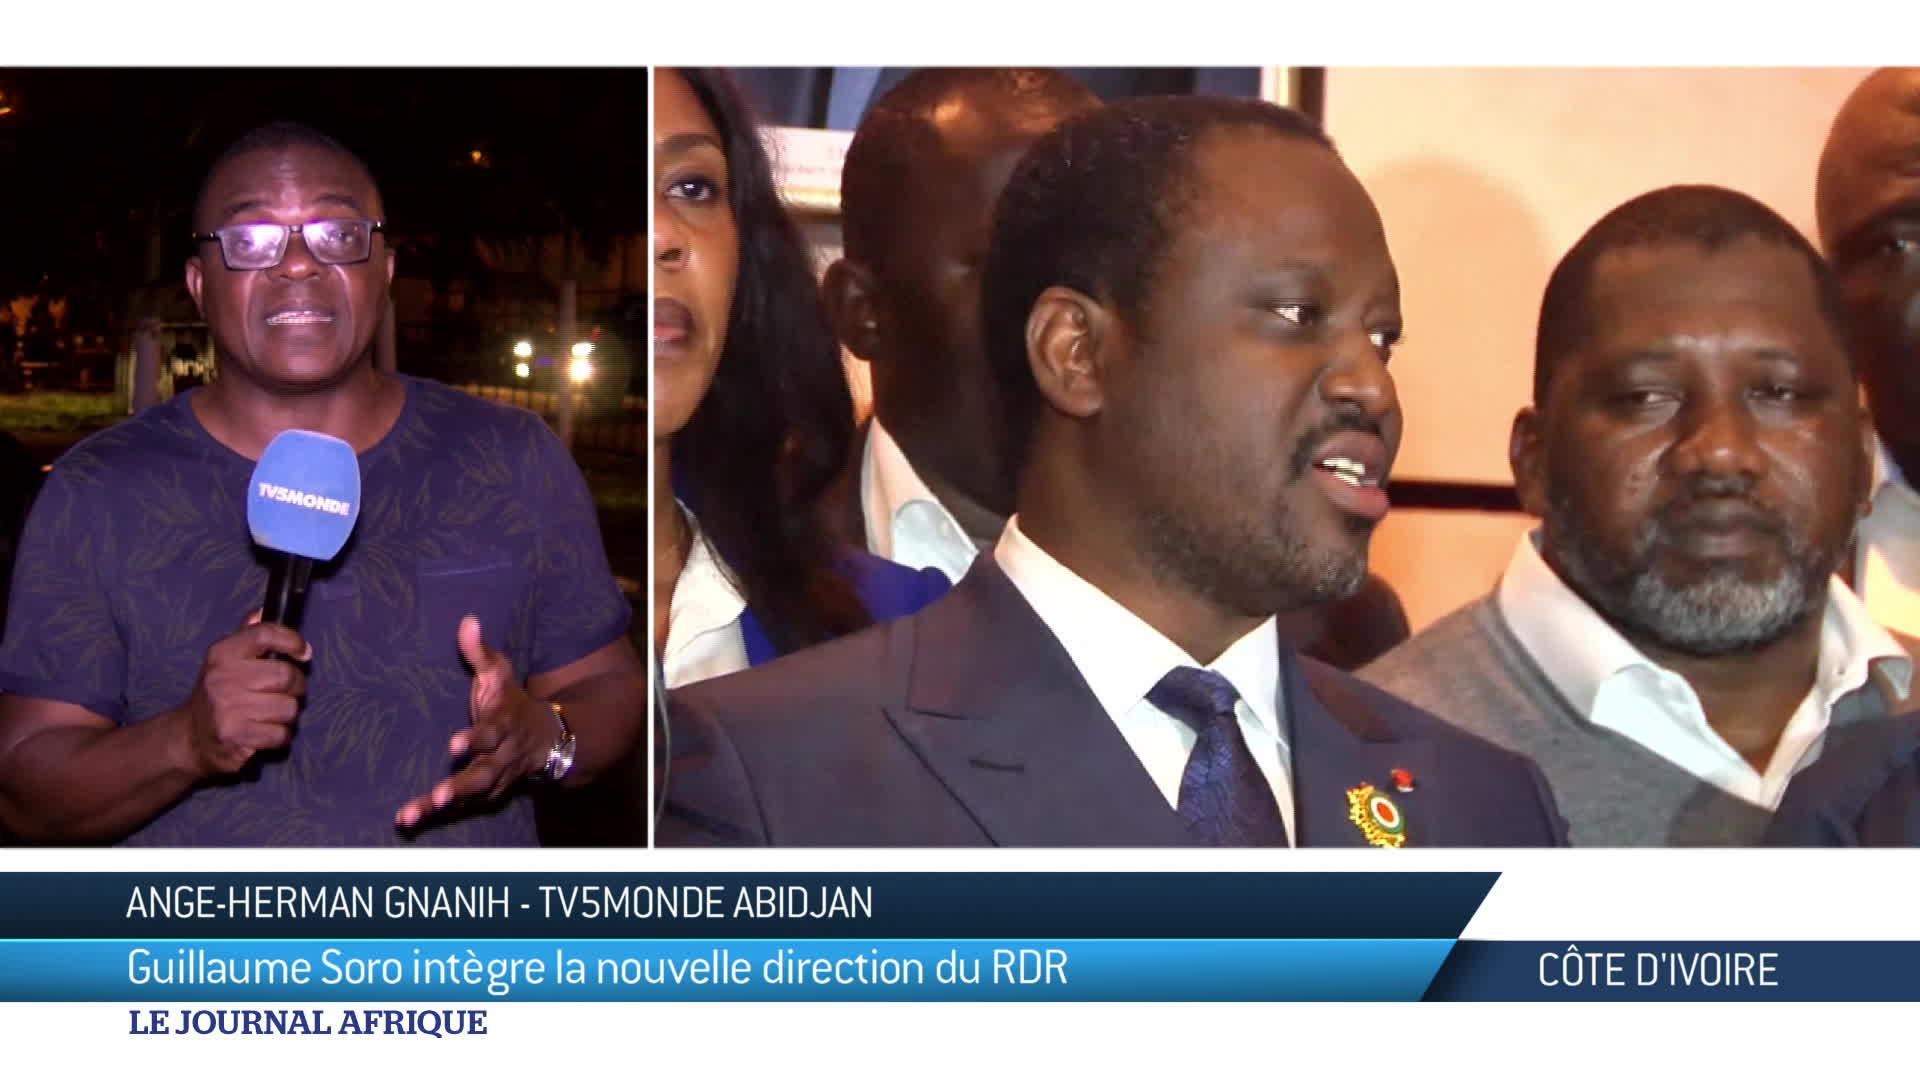 CDI : Guillaume Soro est de retour au sein de la direction du RDR